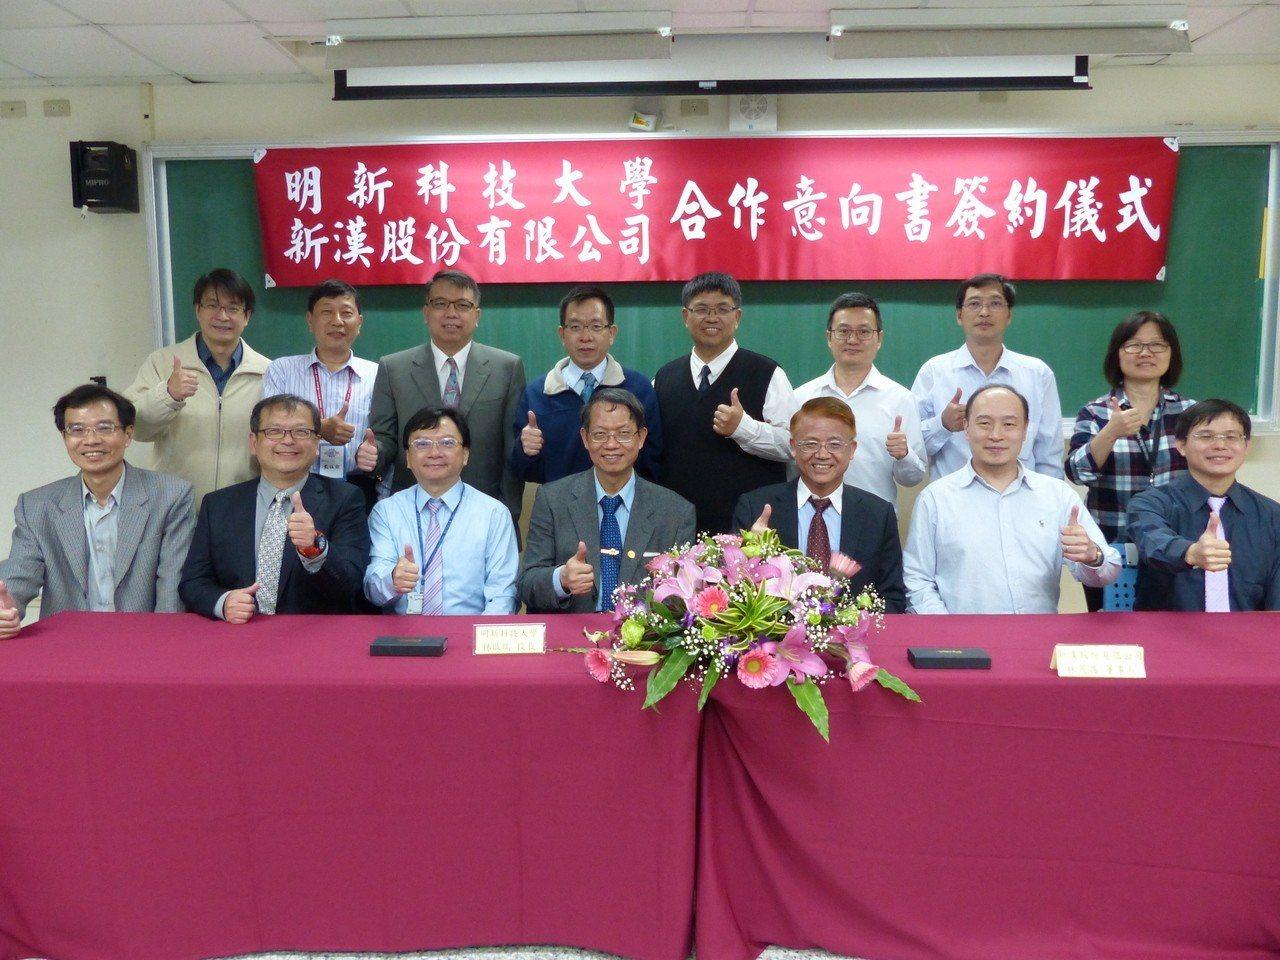 明新科大與新漢簽署產學合作MOU,強化業界物聯網領域人才,共同培訓物聯網智慧校園...